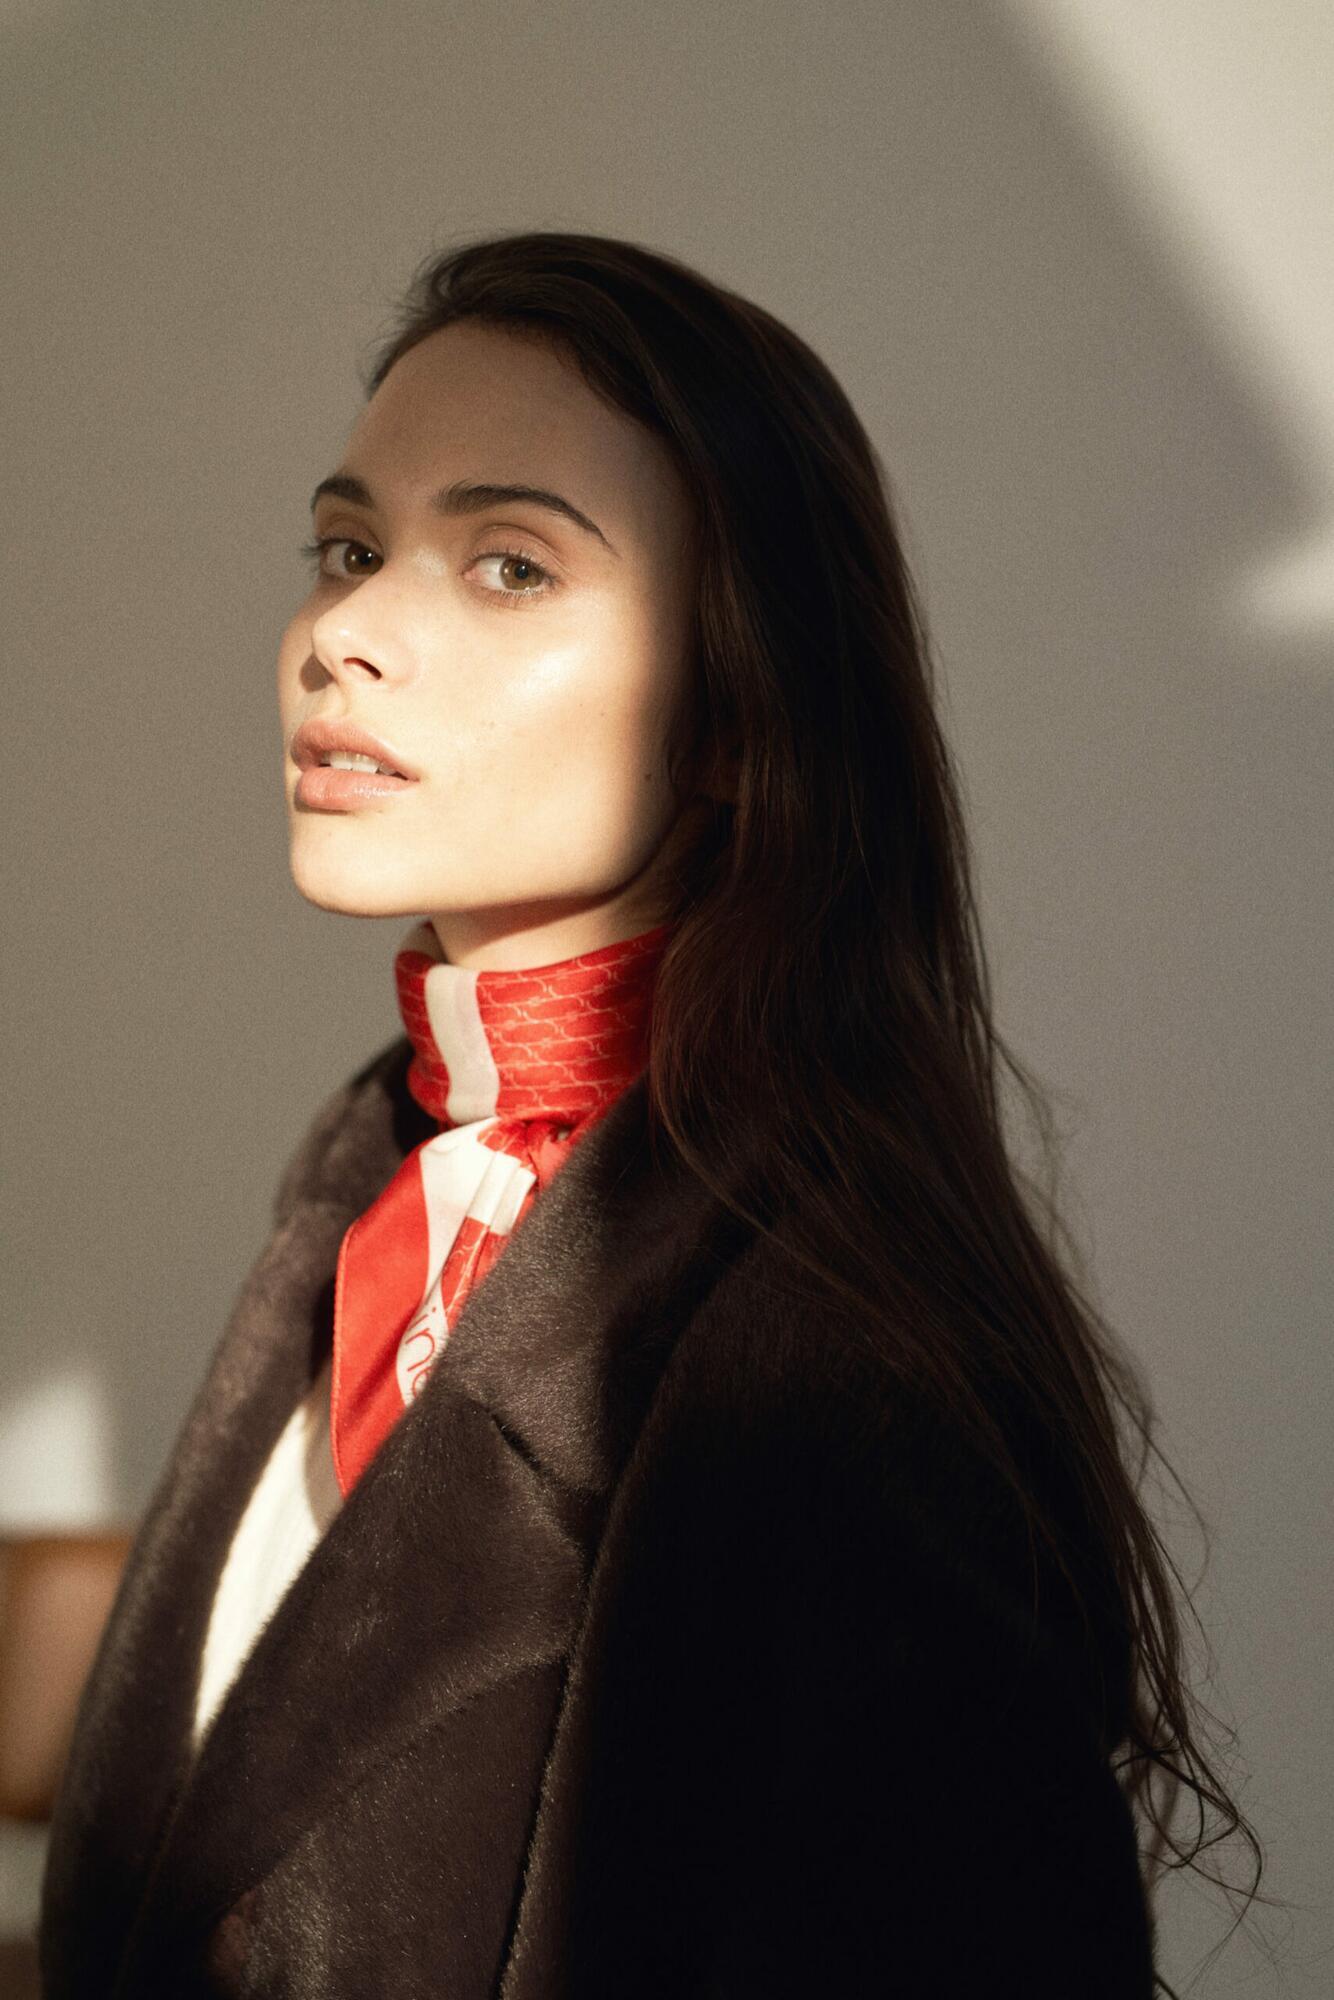 Jedwabna apaszka Sine Silk   RED - Sine Silk   JestemSlow.pl